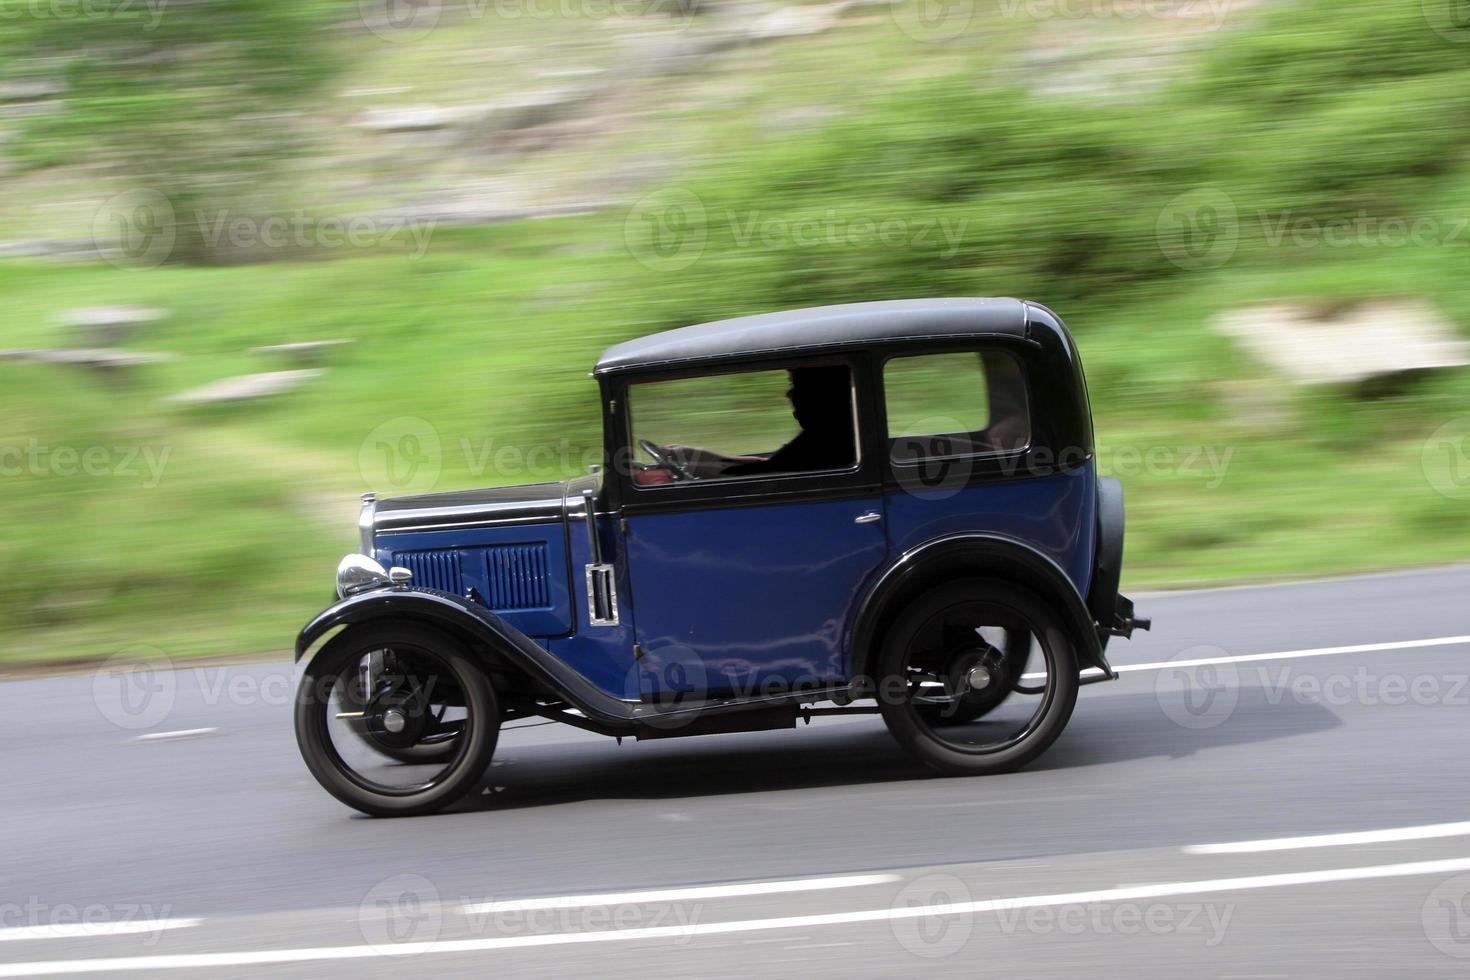 carro velho em velocidade foto